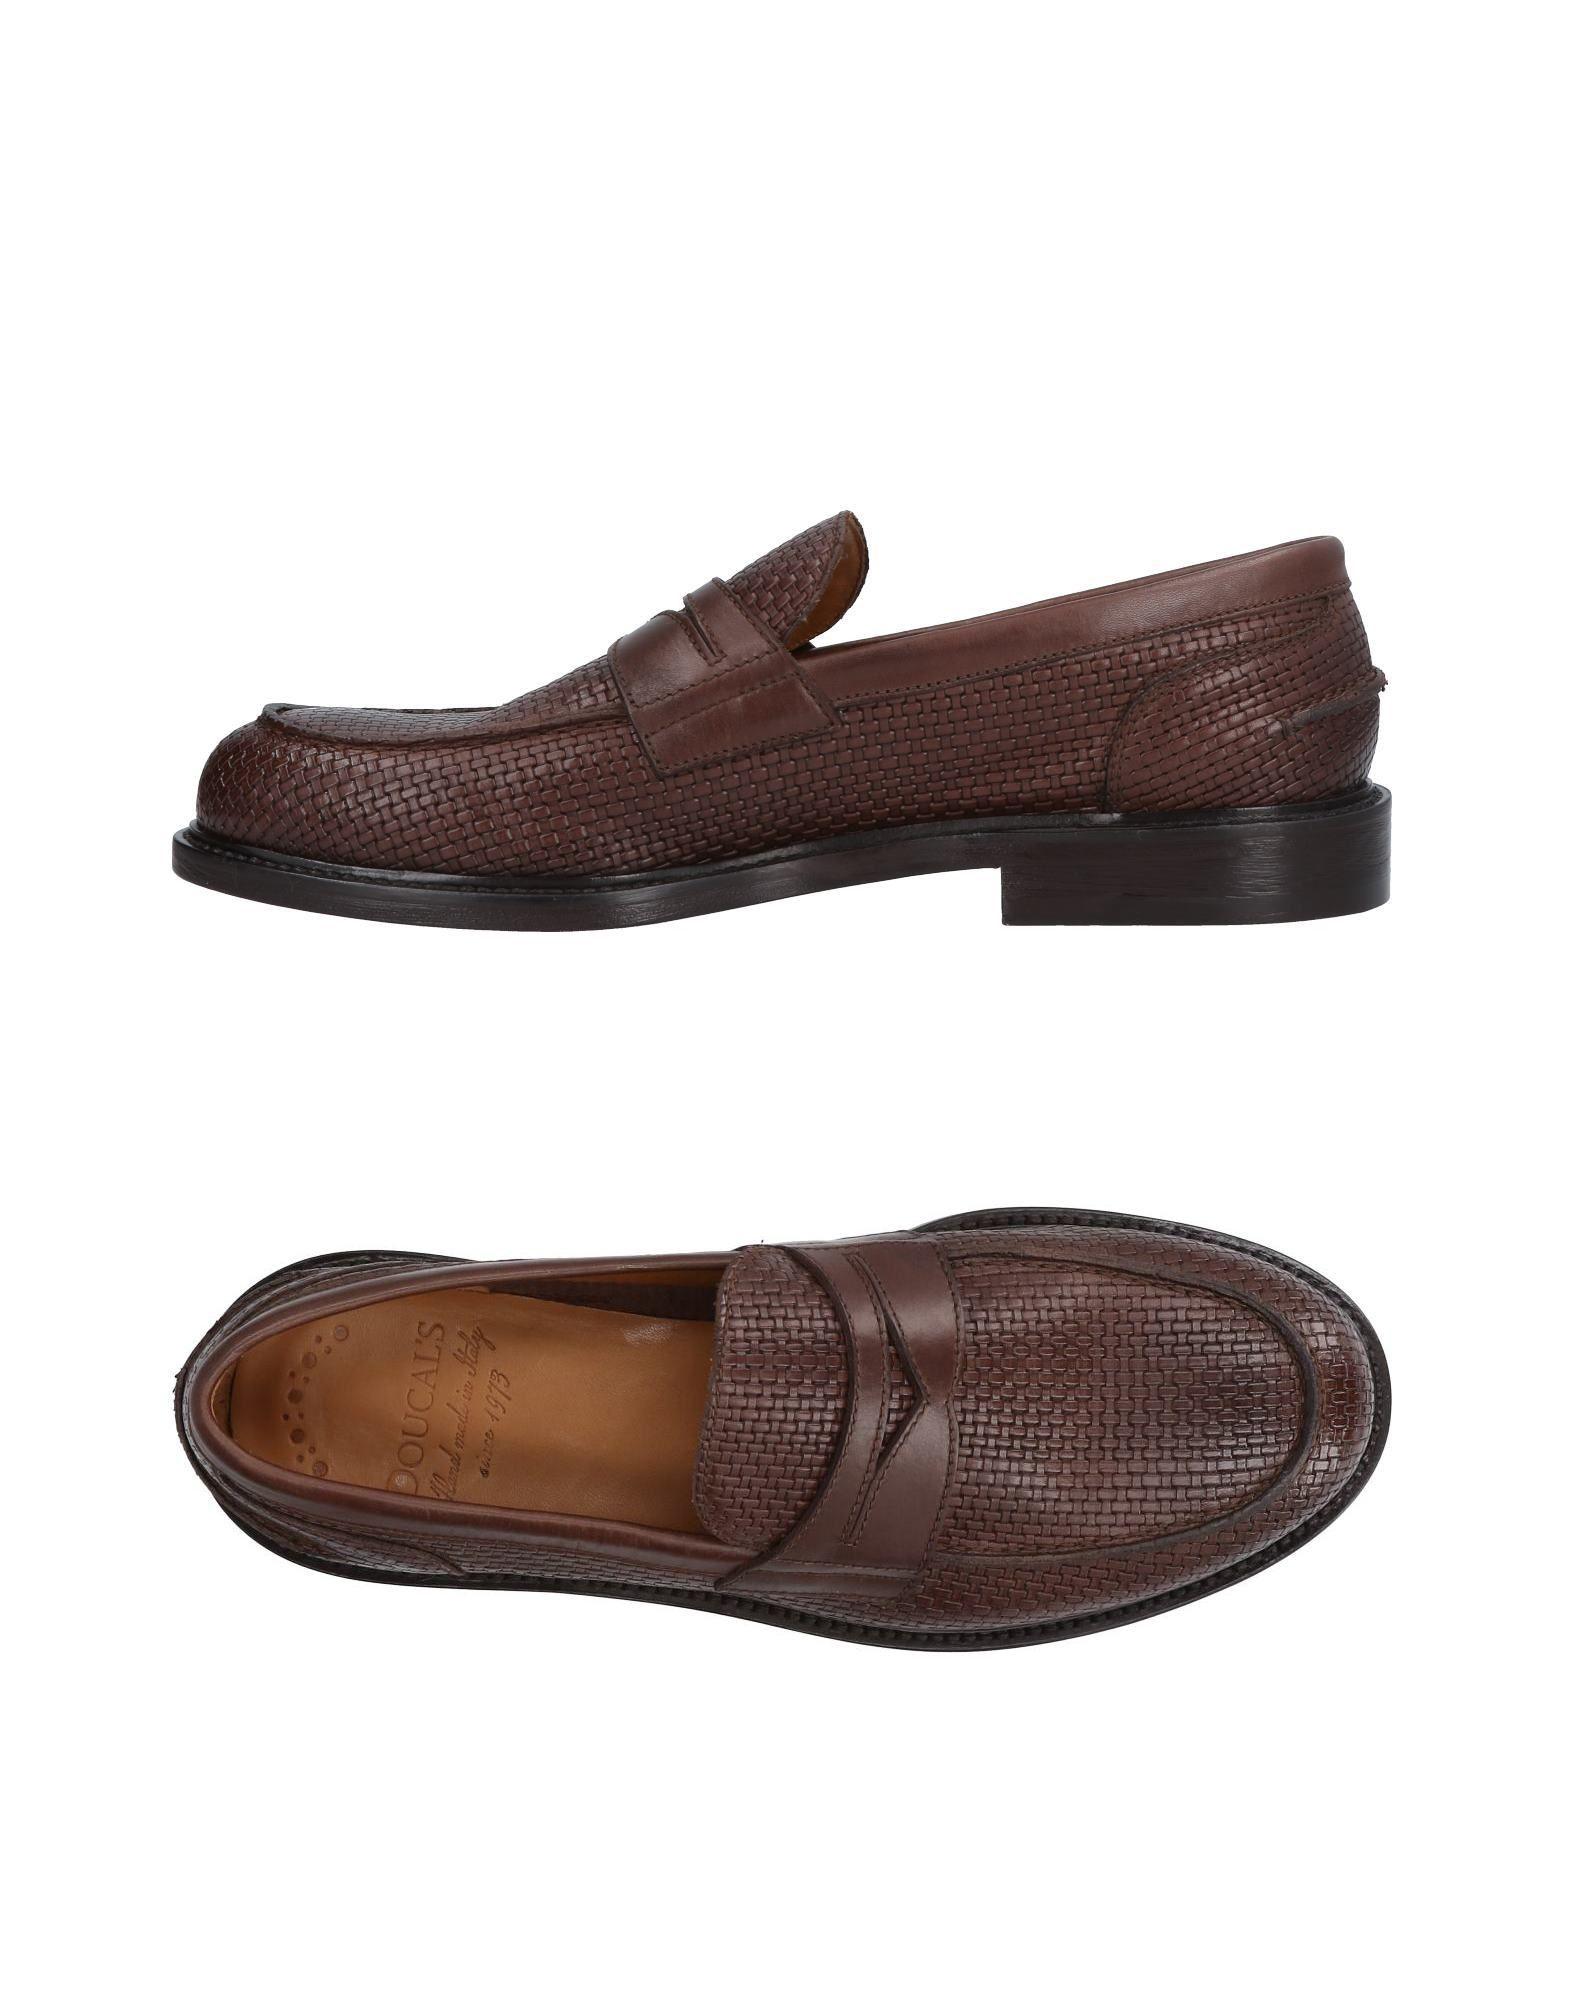 Doucal's Mokassins Heiße Herren  11330777LL Heiße Mokassins Schuhe 0f3a10